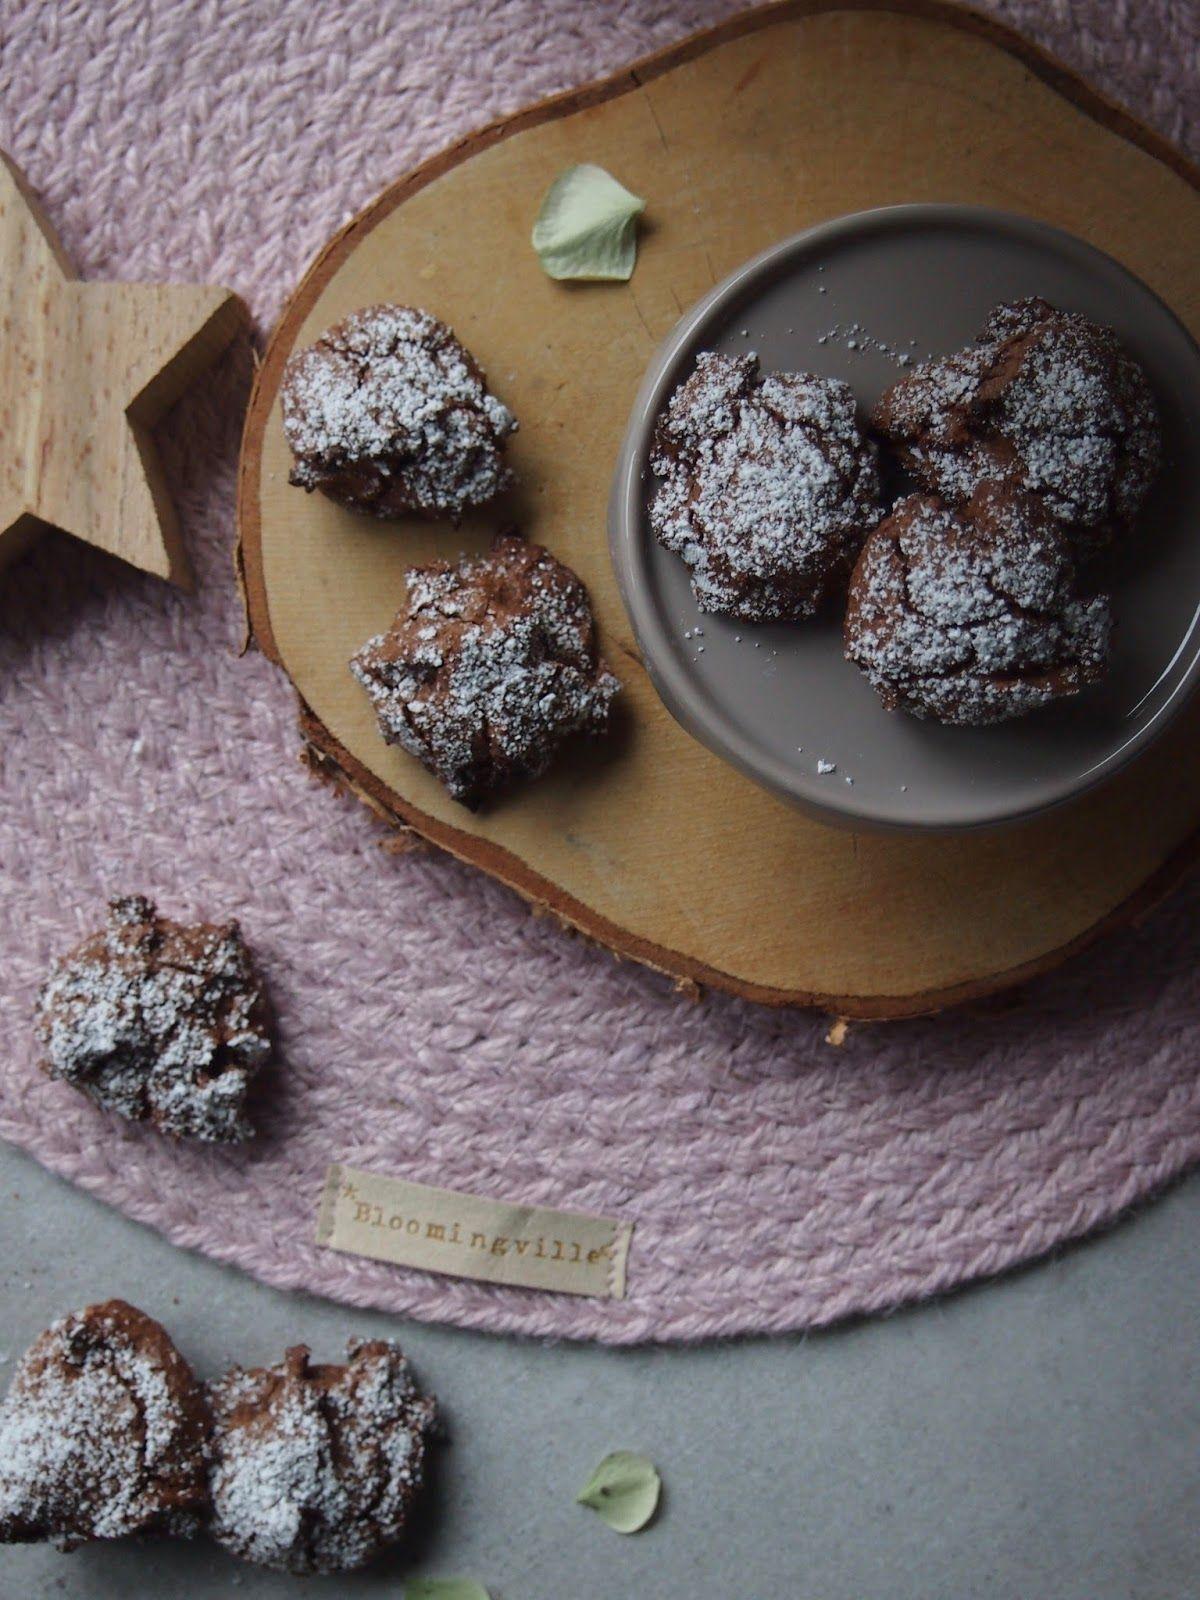 dieZuckerbäckerei: Kaffee-Schokoladenkekse